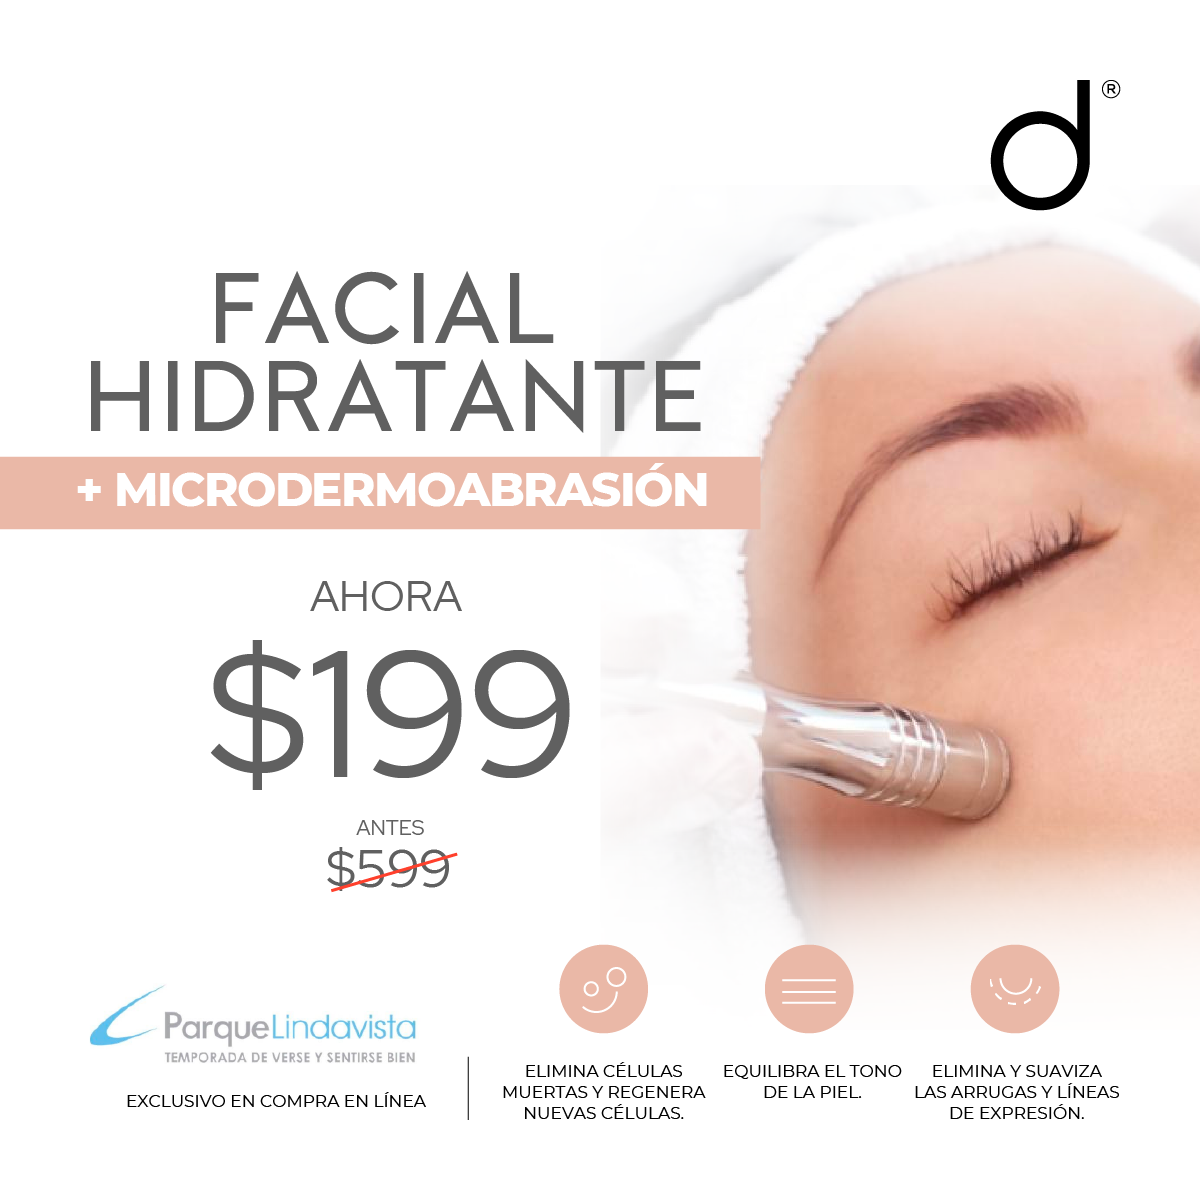 Facial Hidratante + Microdermoabrasión- SÓLO PARQUE LINDAVISTA&w=900&h=900&fit=crop